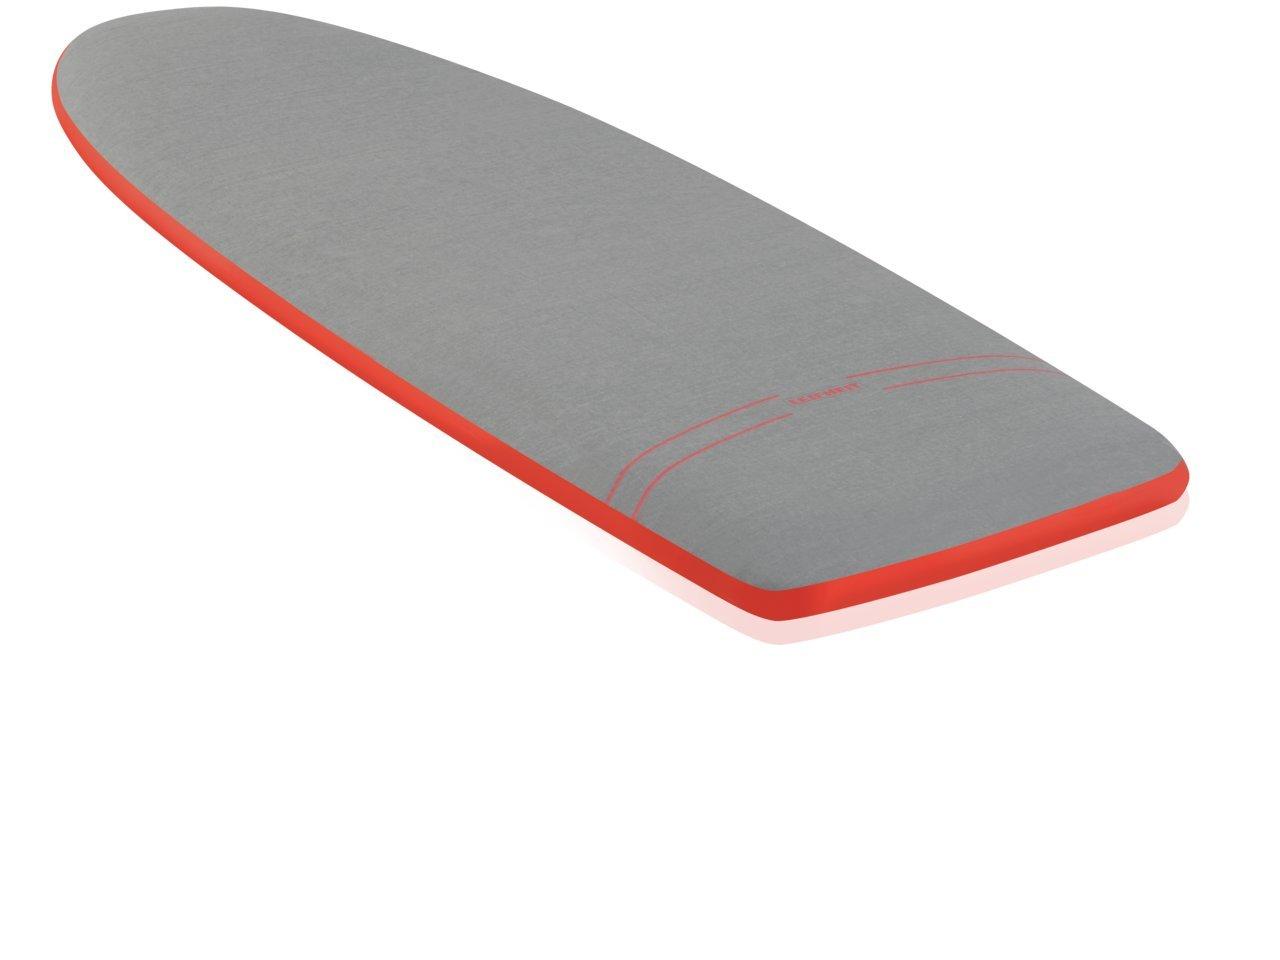 130 x 45 cm Funda de tabla de plancha Leifheit 76008 color gris y rojo